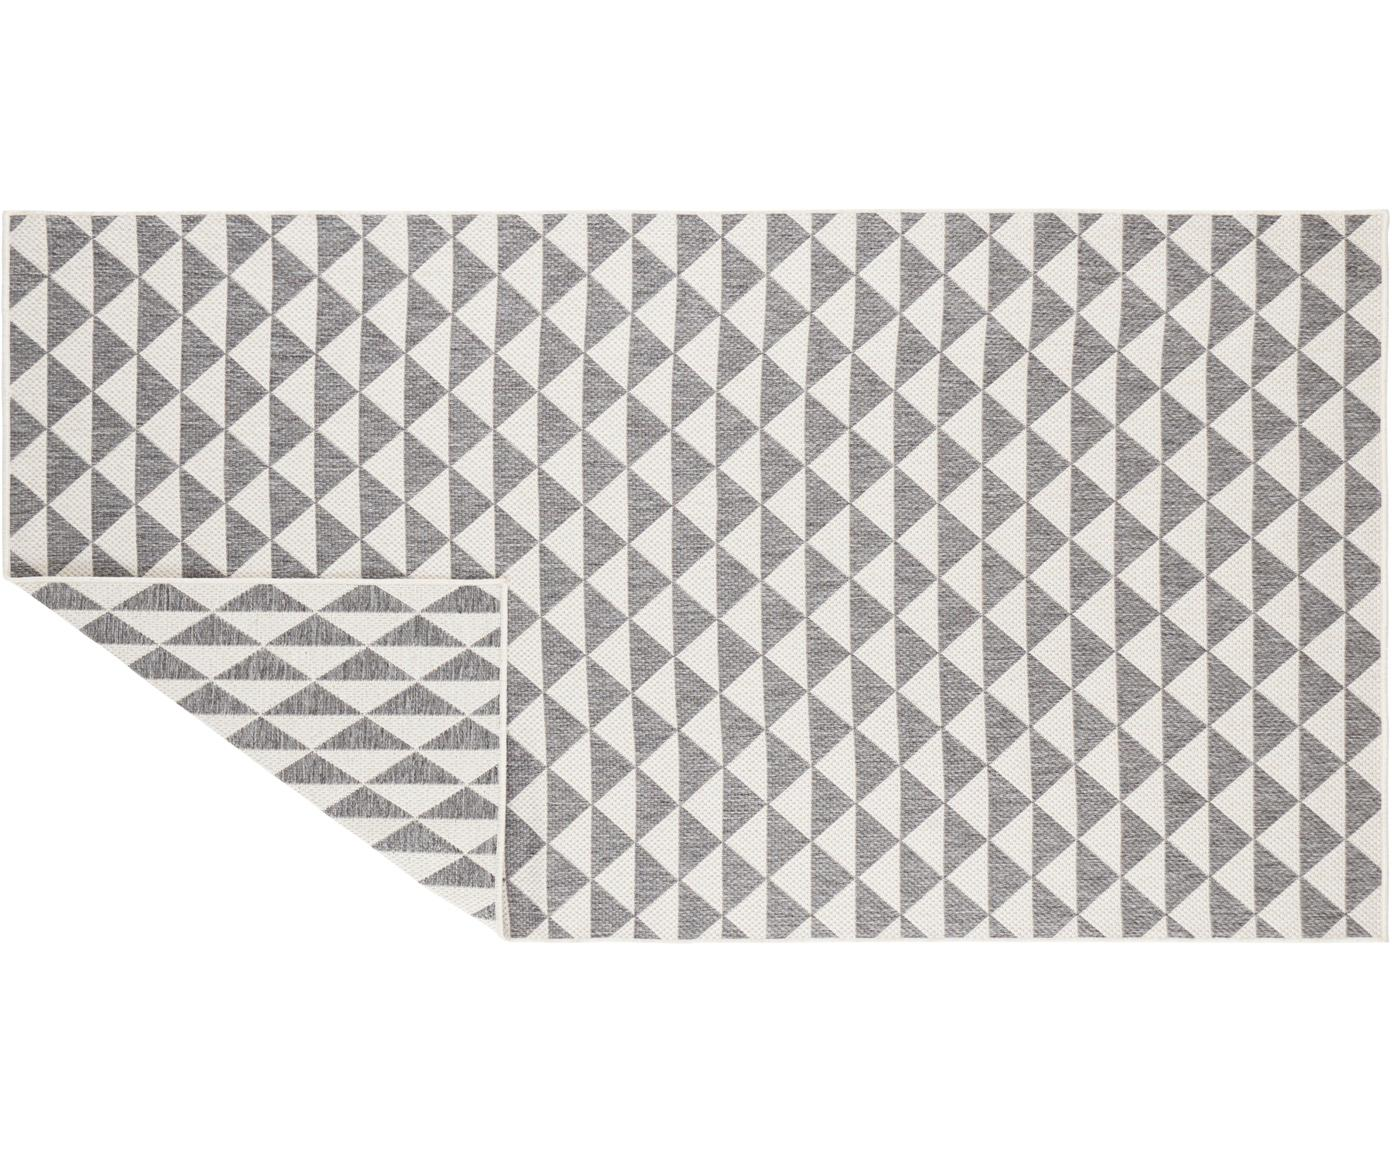 In- & outdoor vloerkleed met patroon Tahiti in grijs/crèmekleur, Polypropyleen, Grijs, crèmekleurig, B 80 x L 150 cm (maat XS)